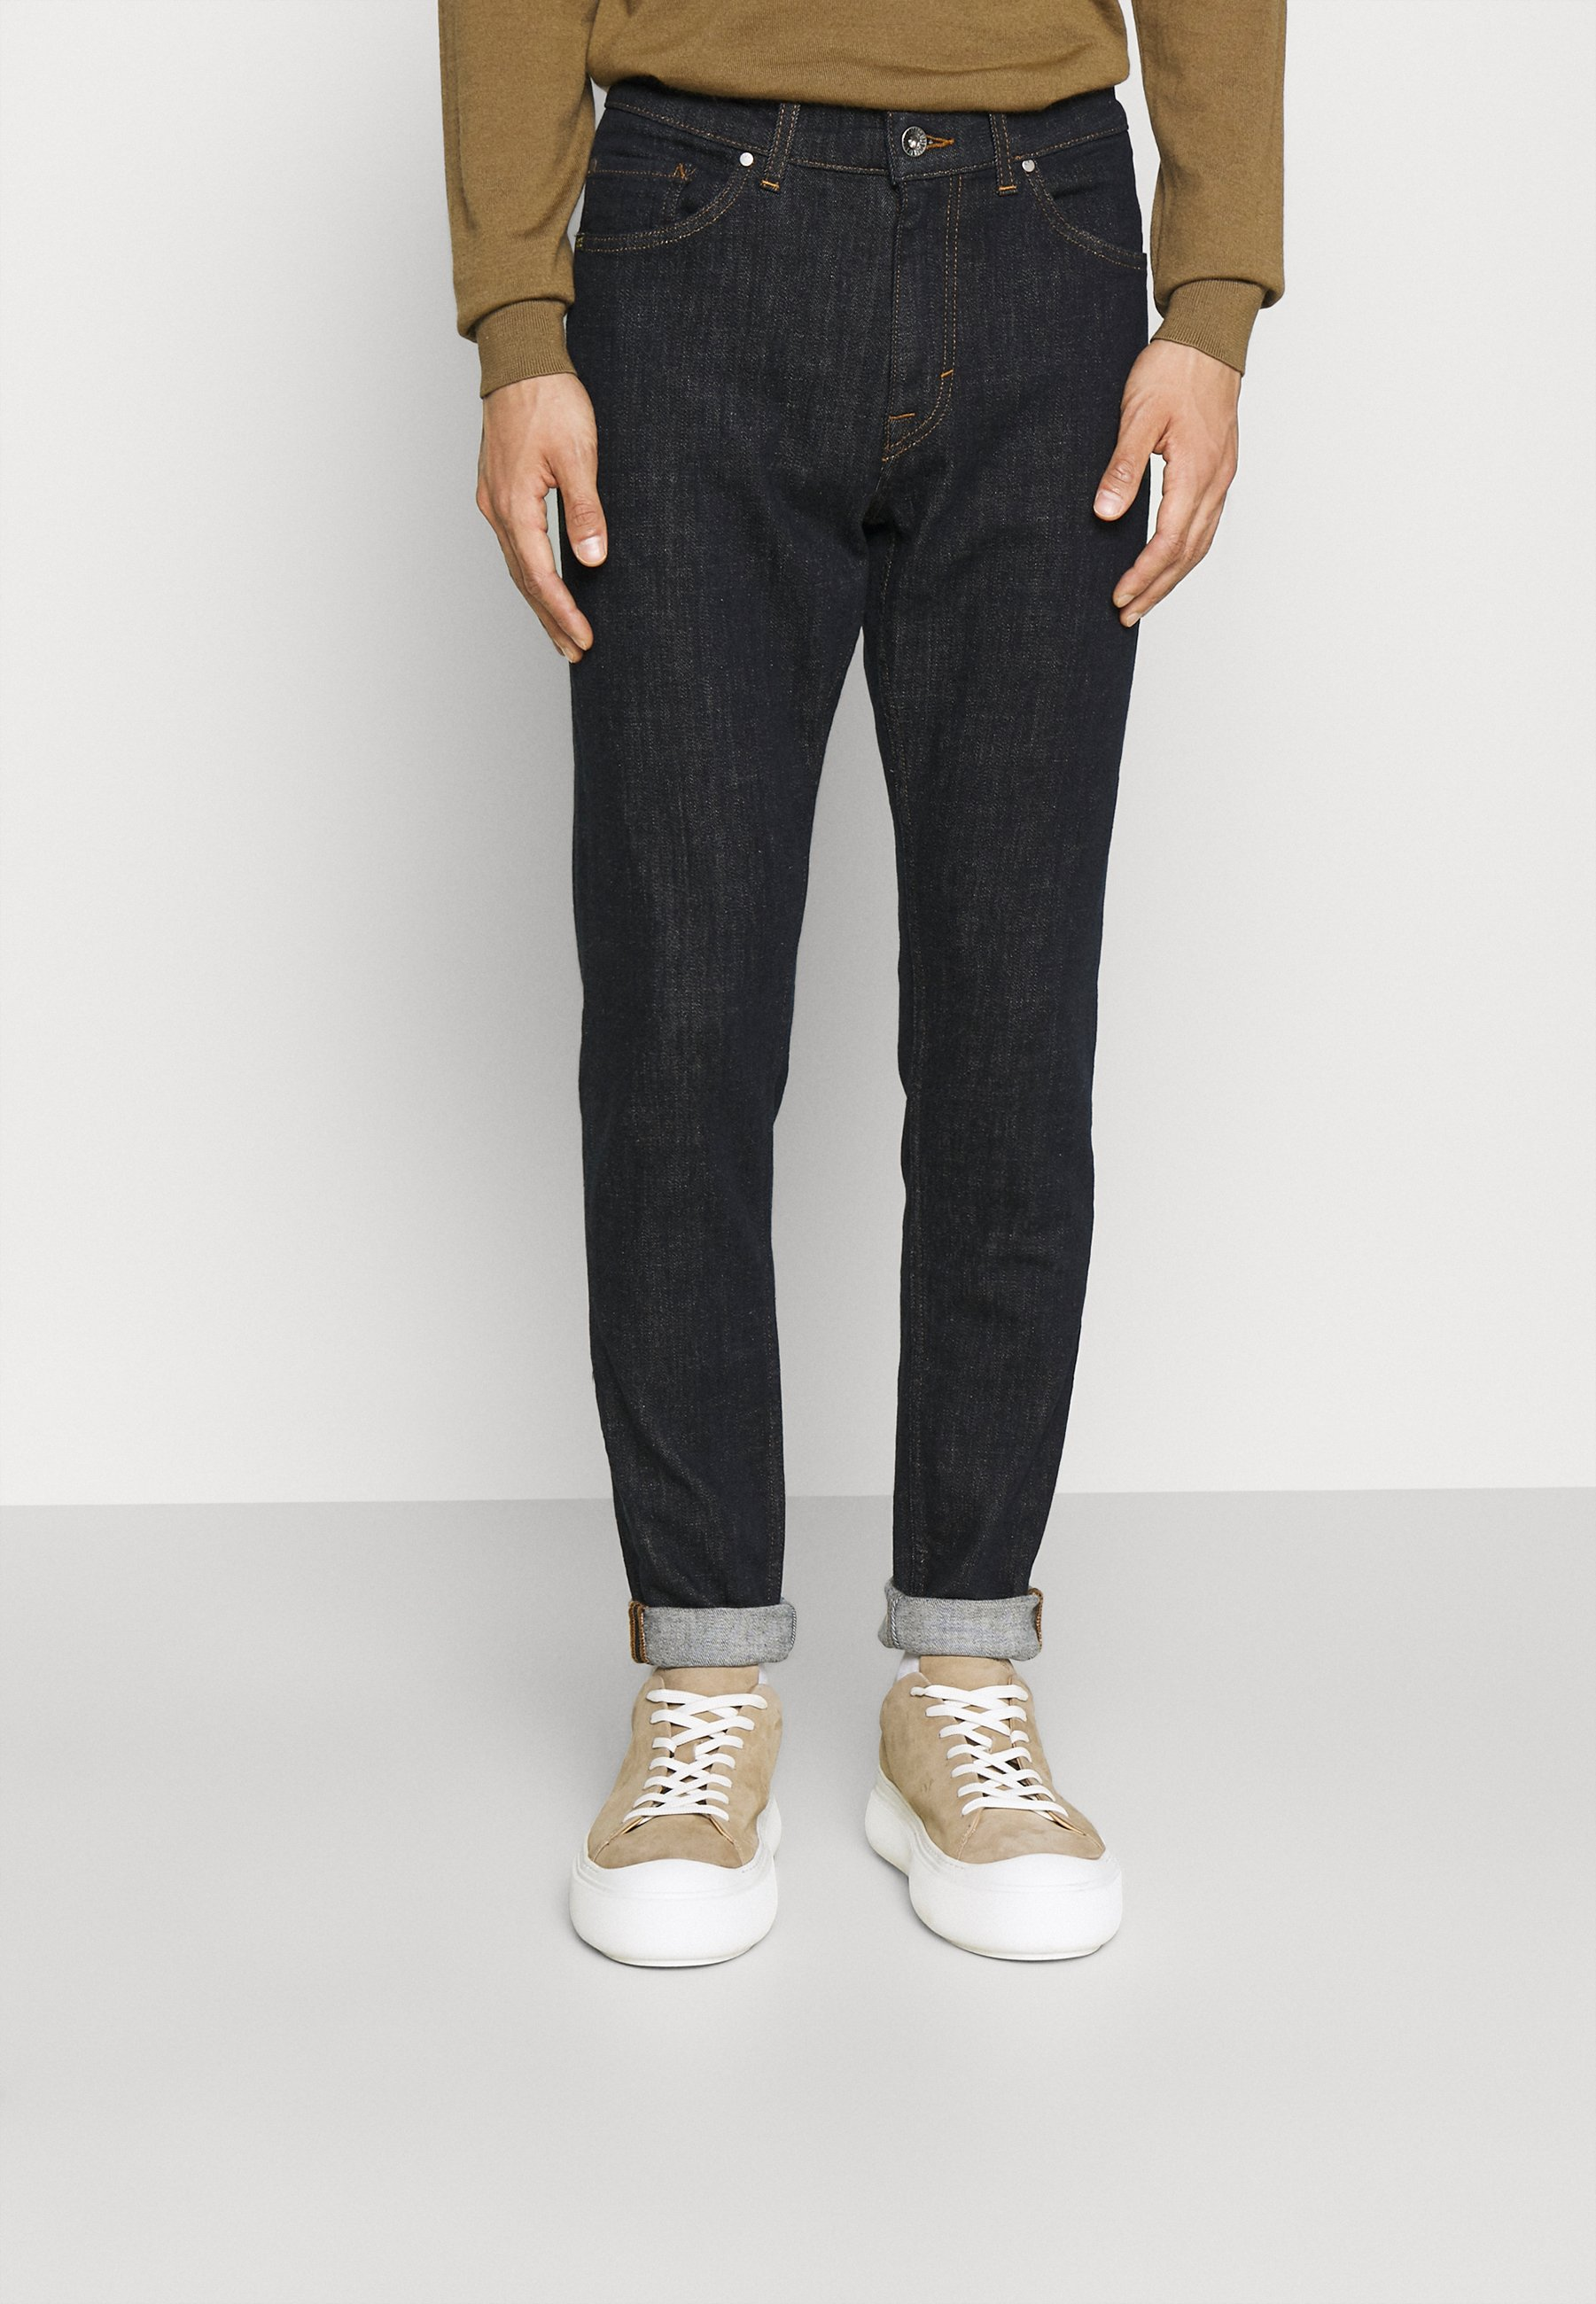 Uomo EVOLVE - Jeans slim fit